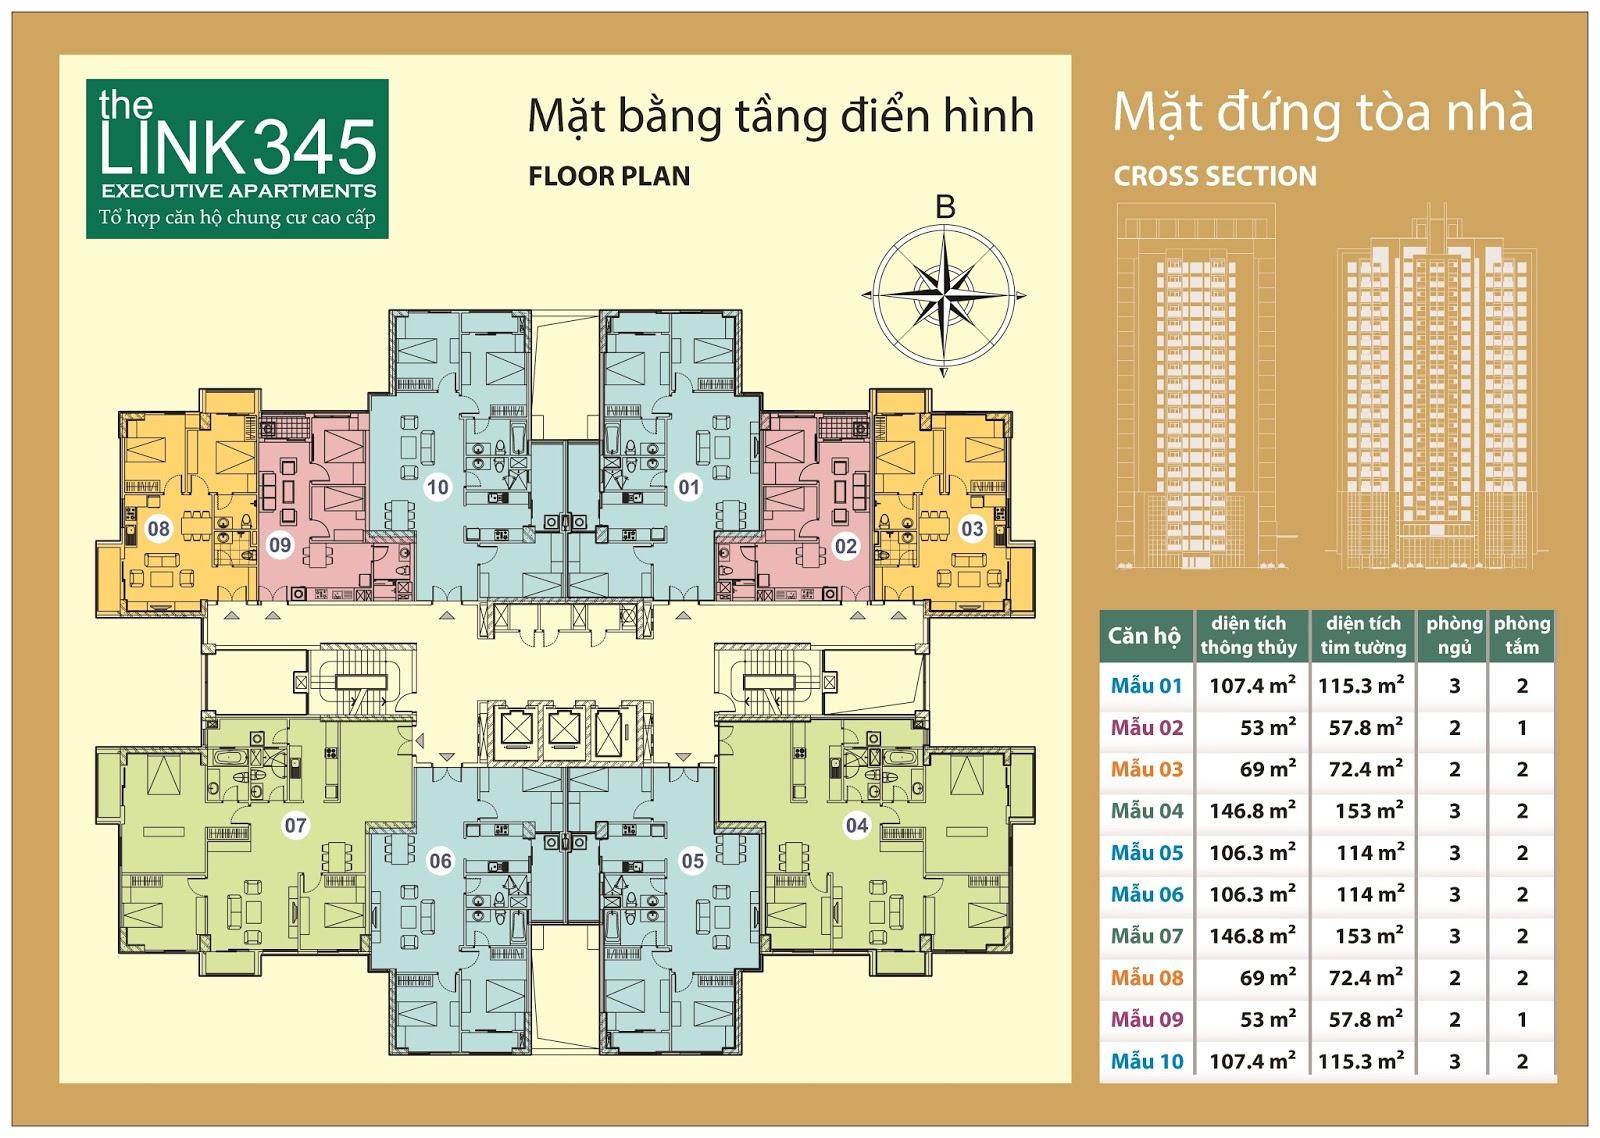 Mặt bằng điển hình tầng tòa The Link 345